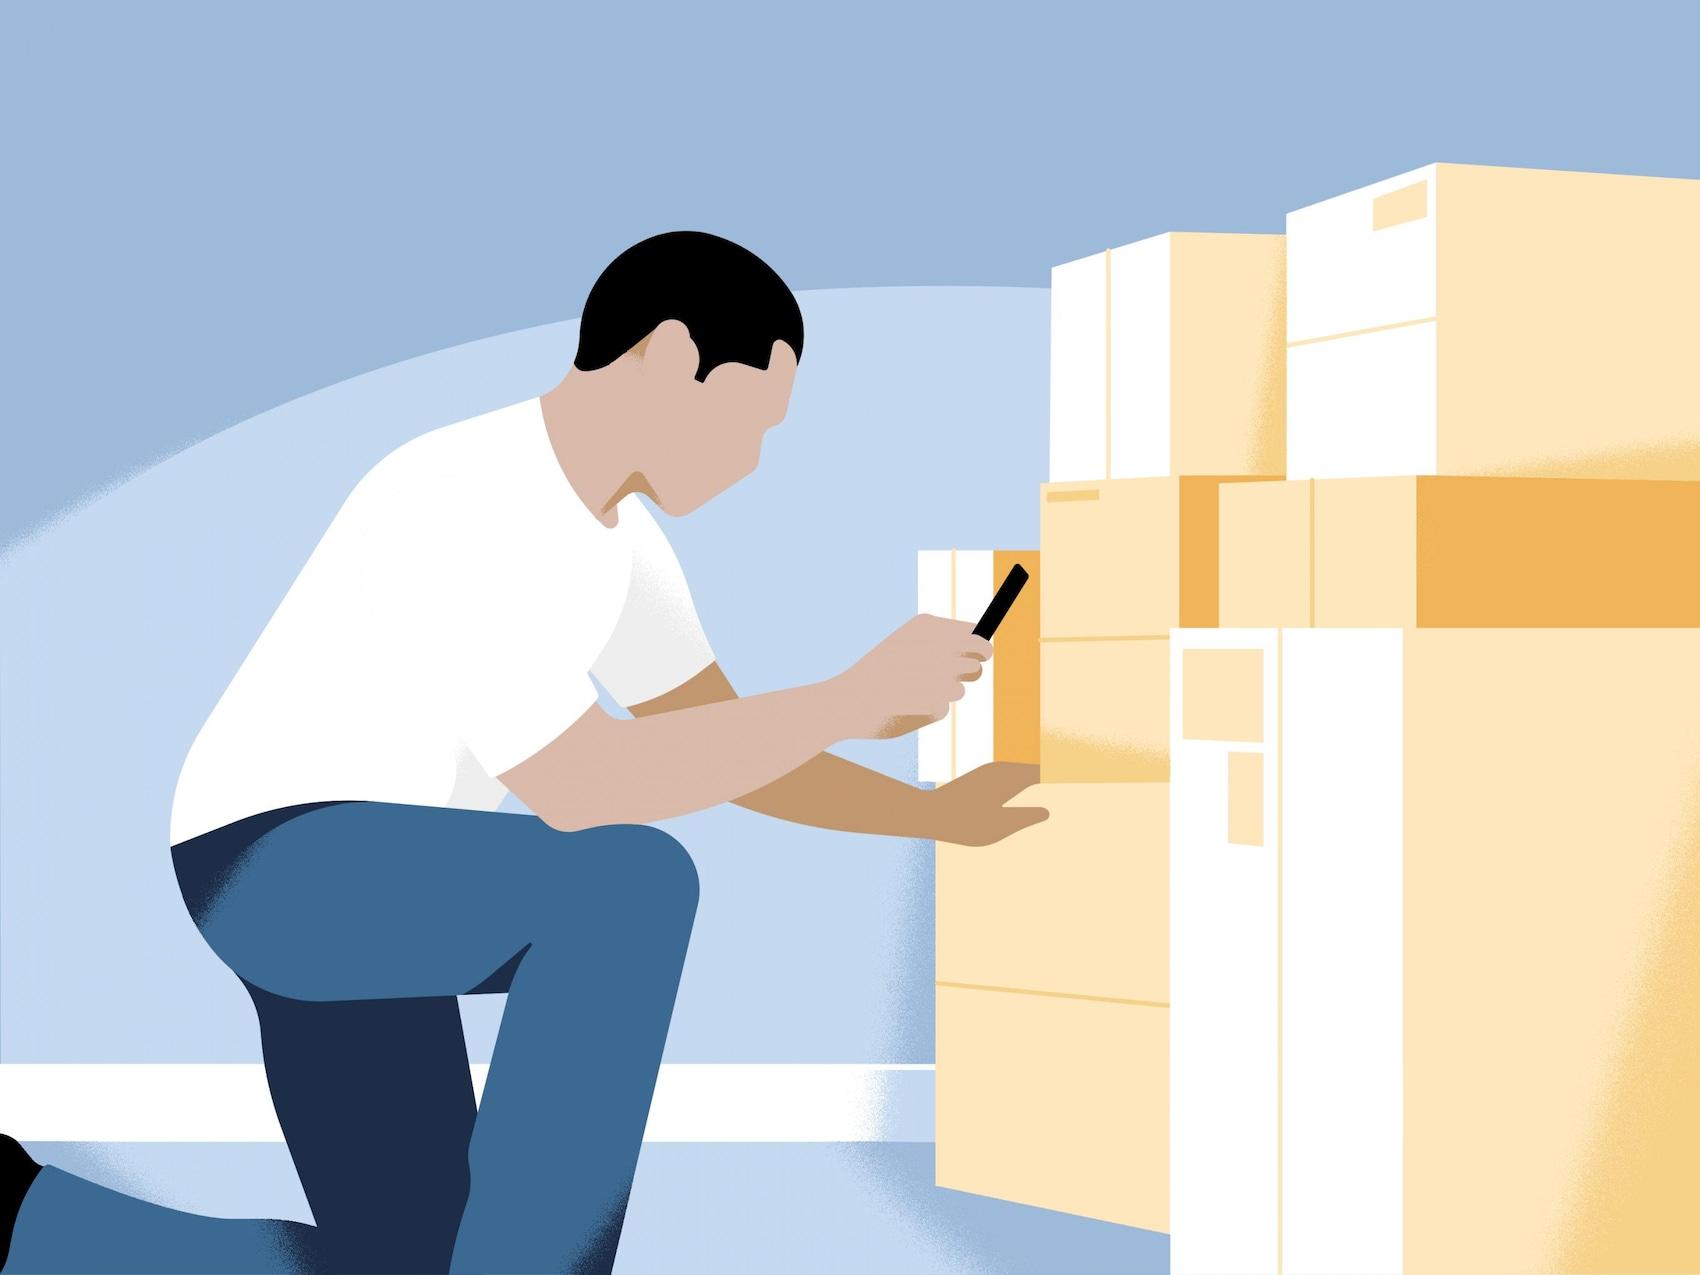 L'homme scanne des codes-barres sur des paquets